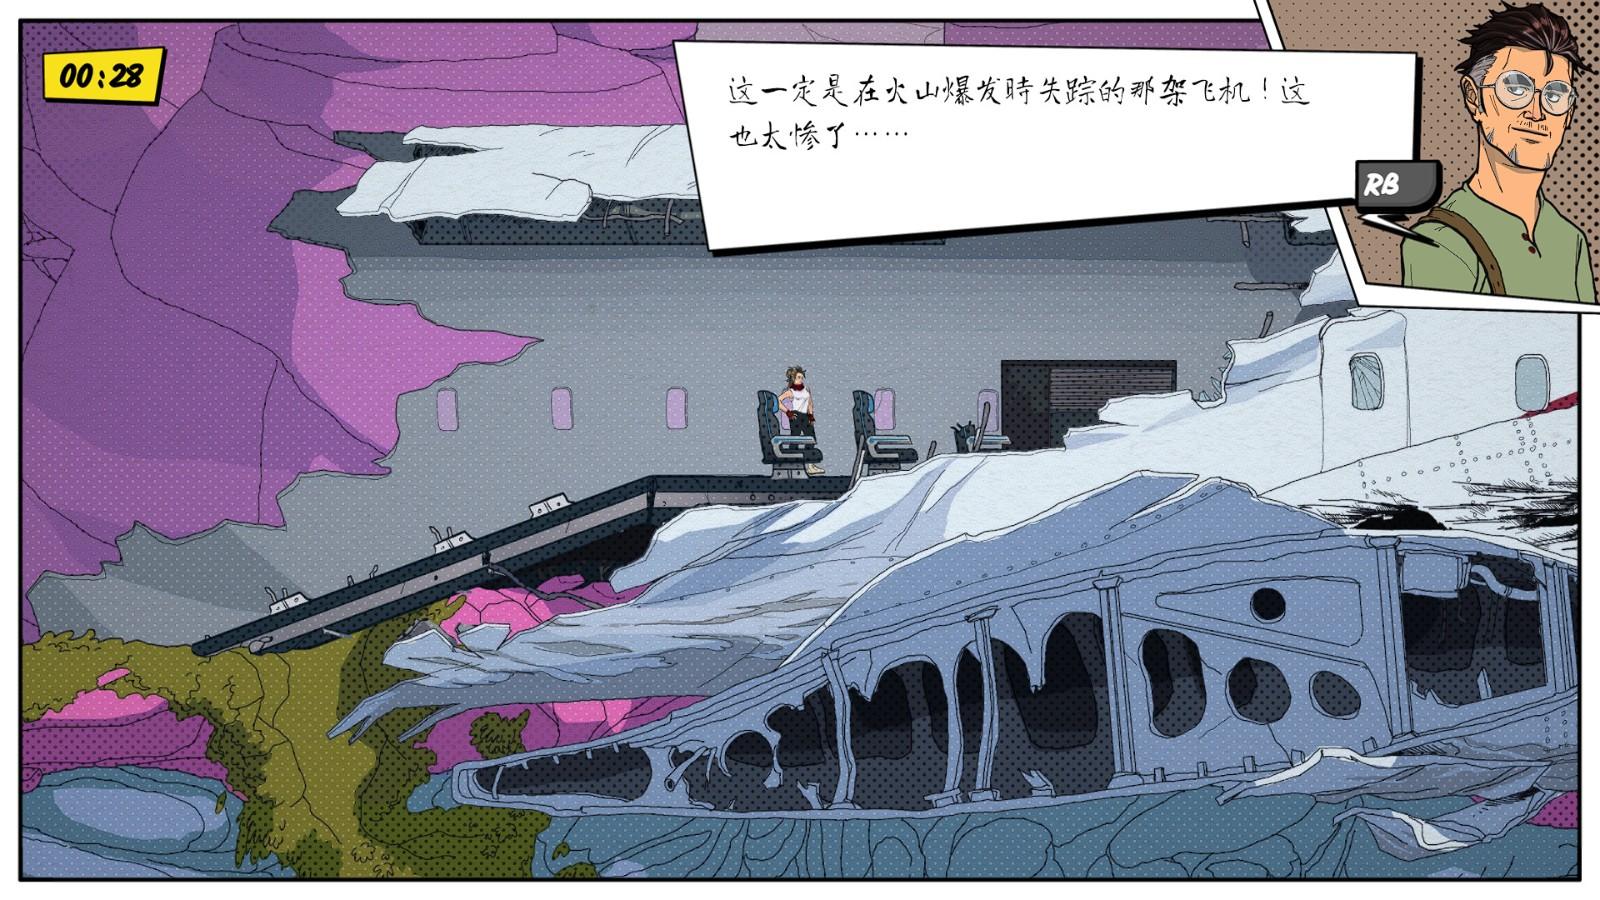 手绘2D动作冒险游戏《爱琴海宝藏》将于11月11日上市